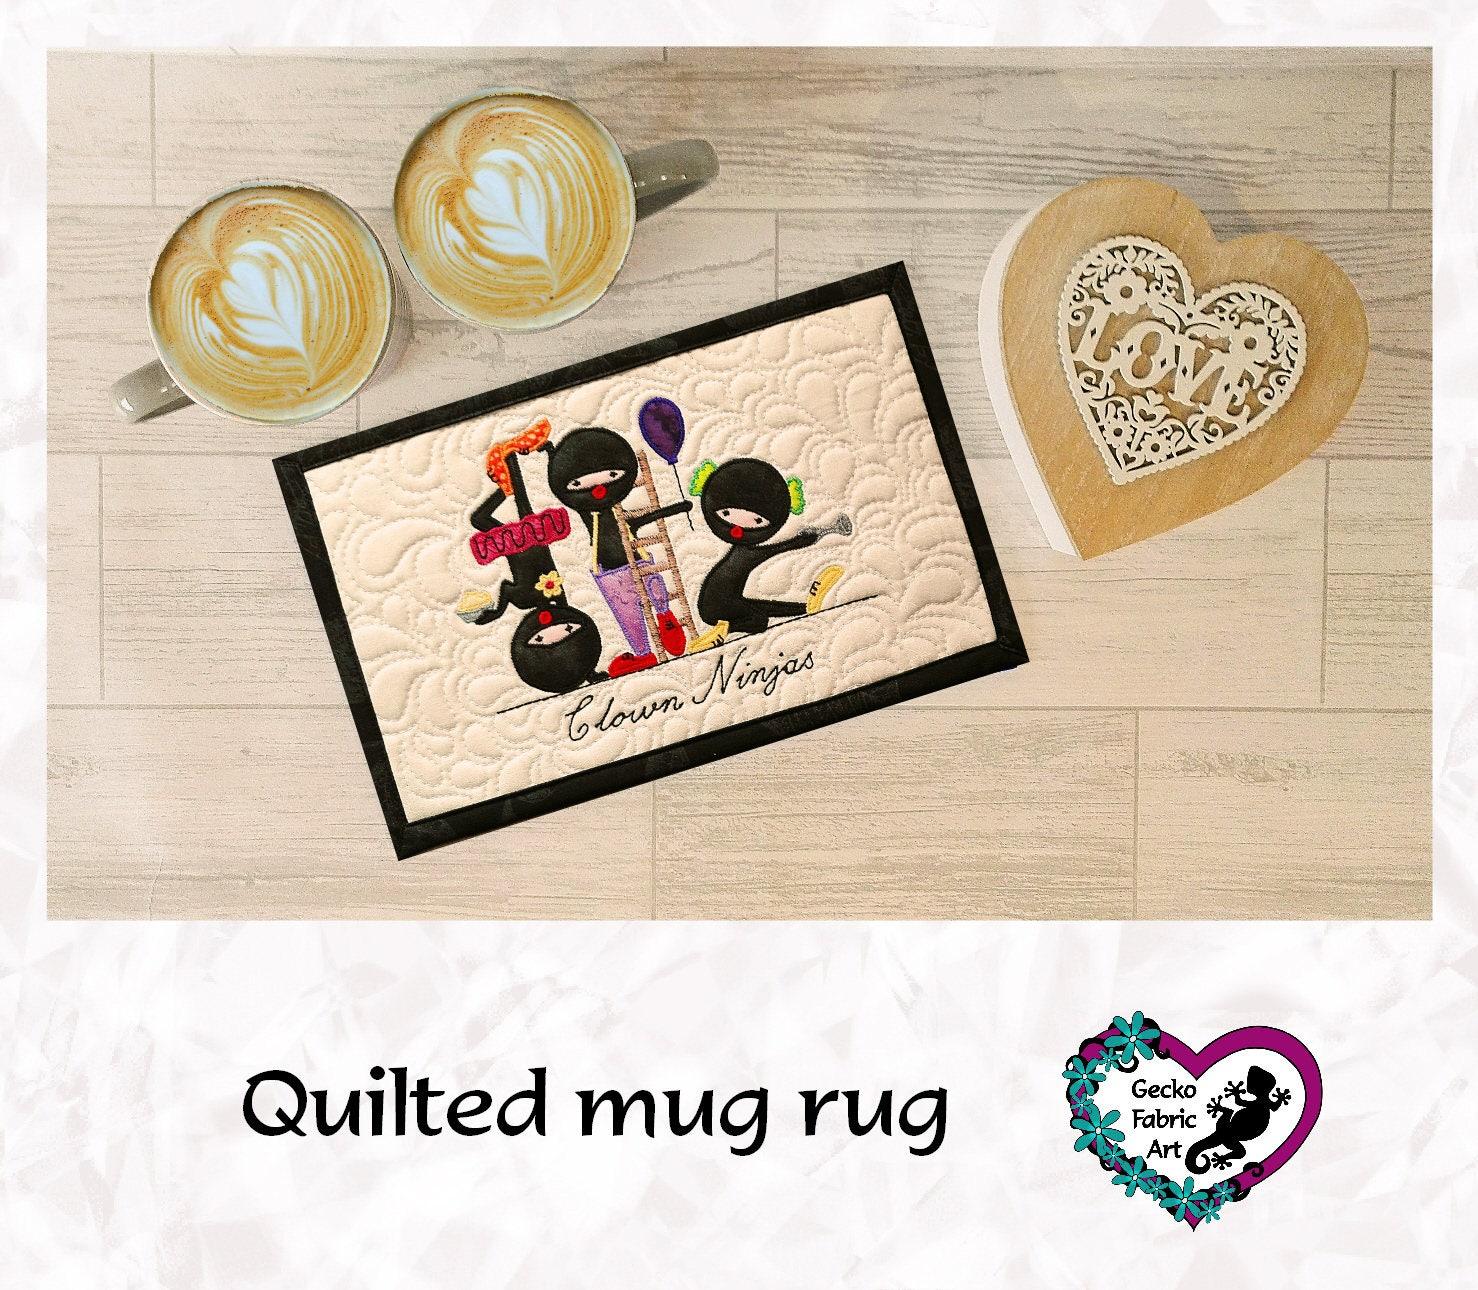 Clown Ninjas Ninjas Mug Rug Quirky Gift Clown Gift Ninja